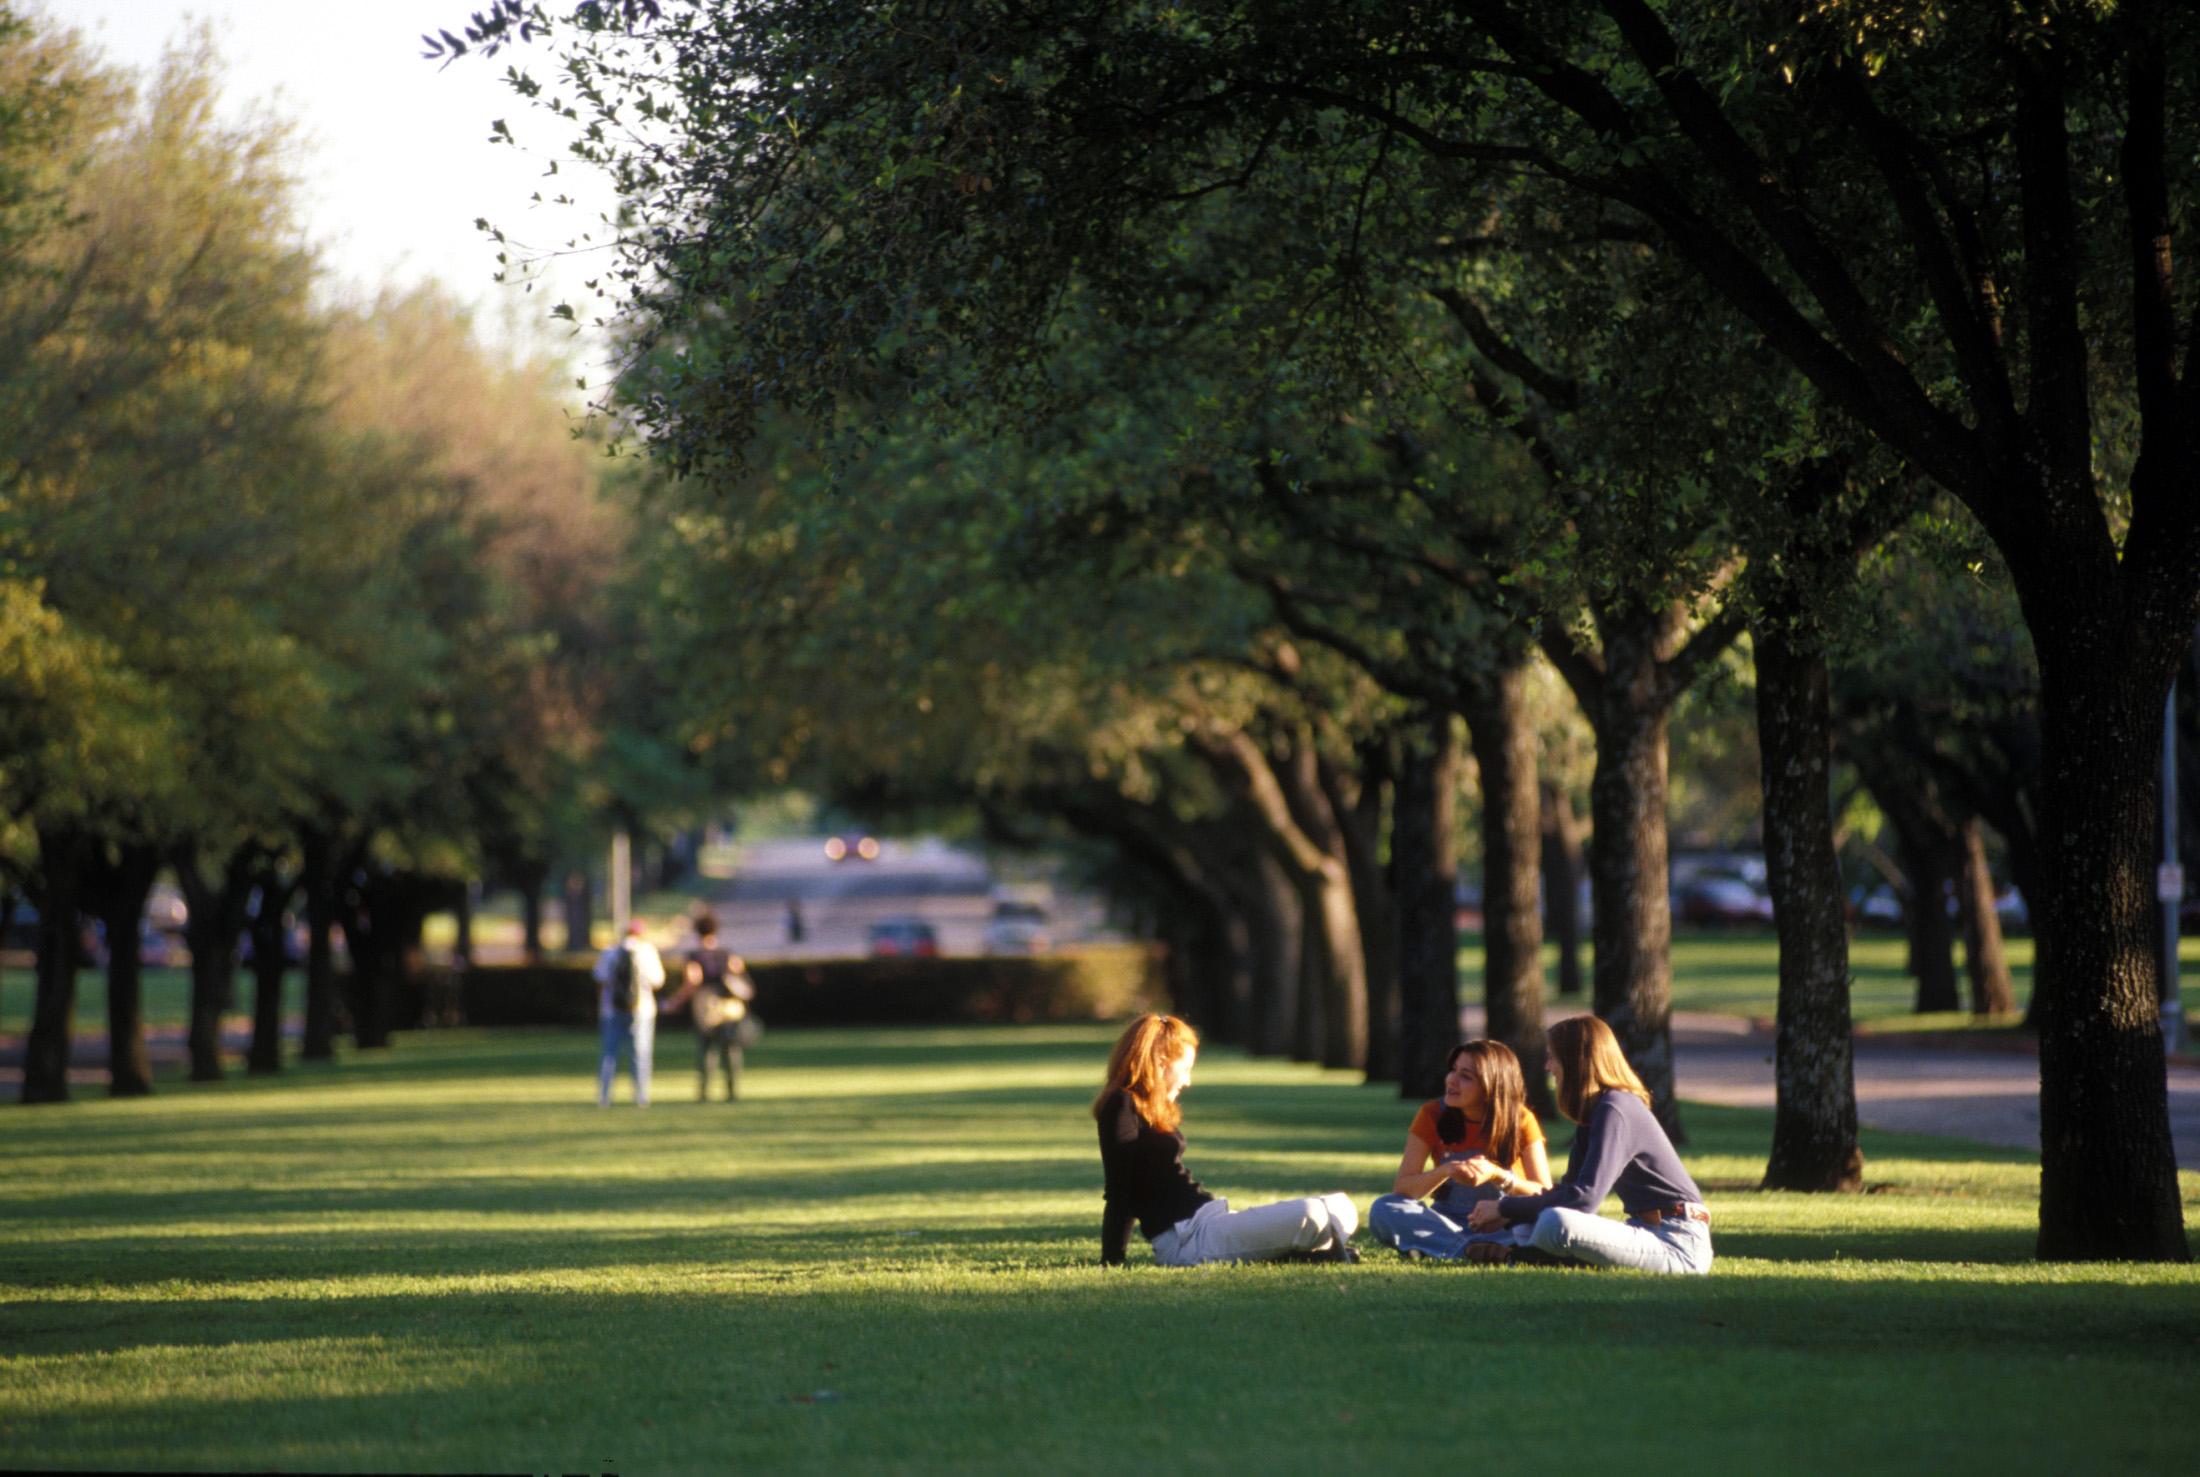 smu campus trees